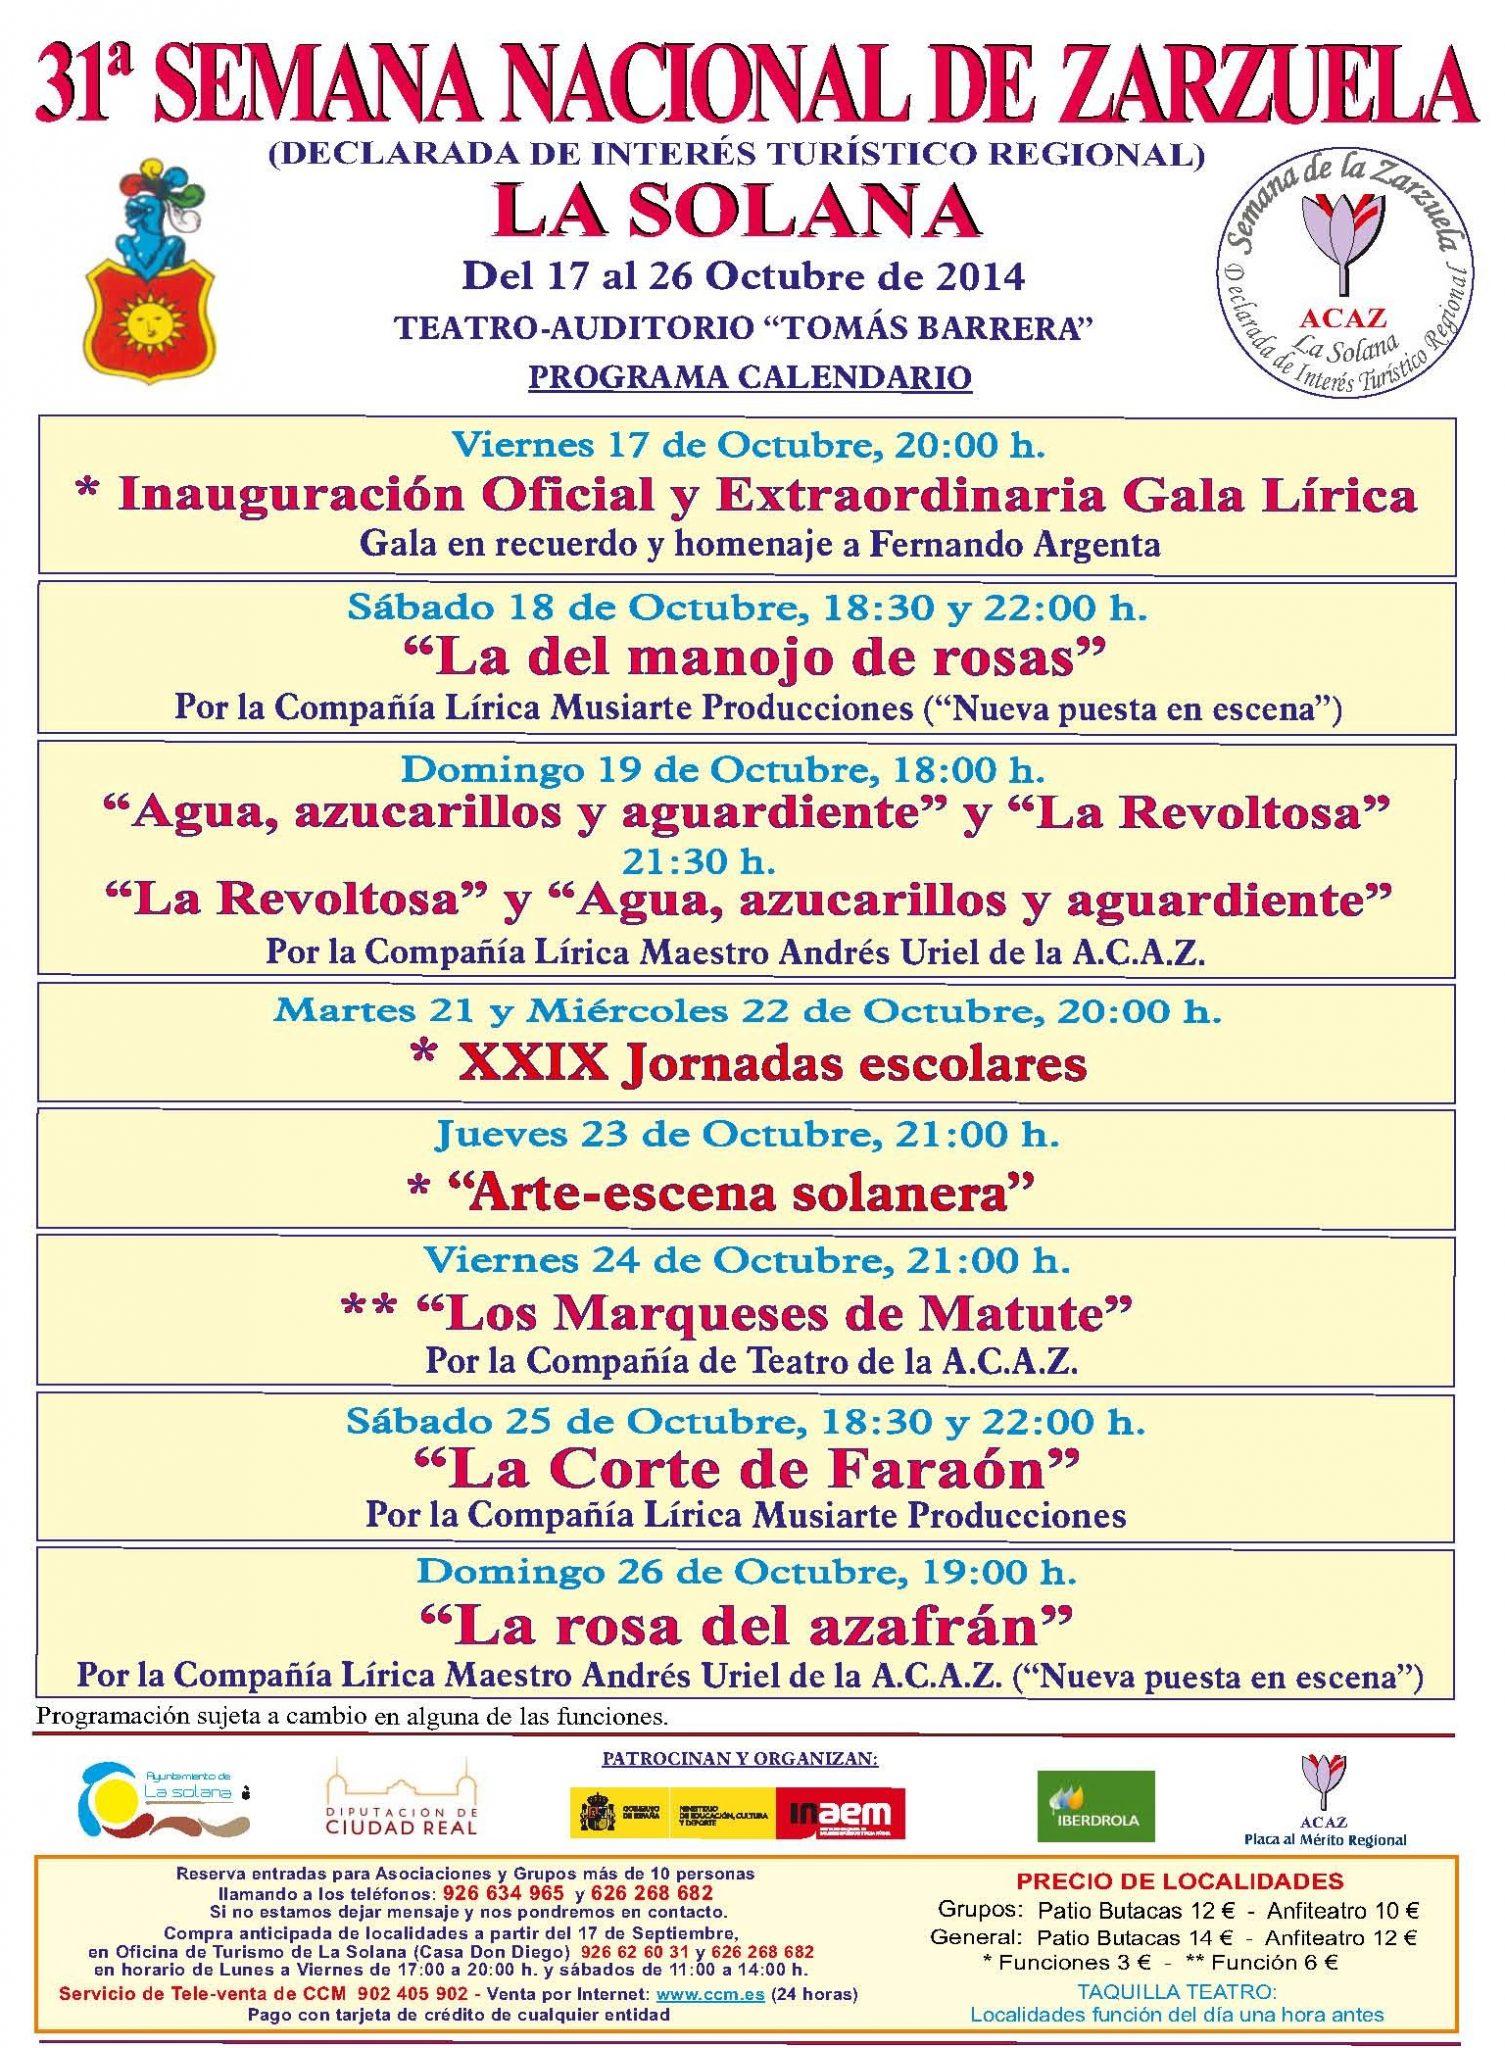 31 Semana de la Zarzuela de La Solana